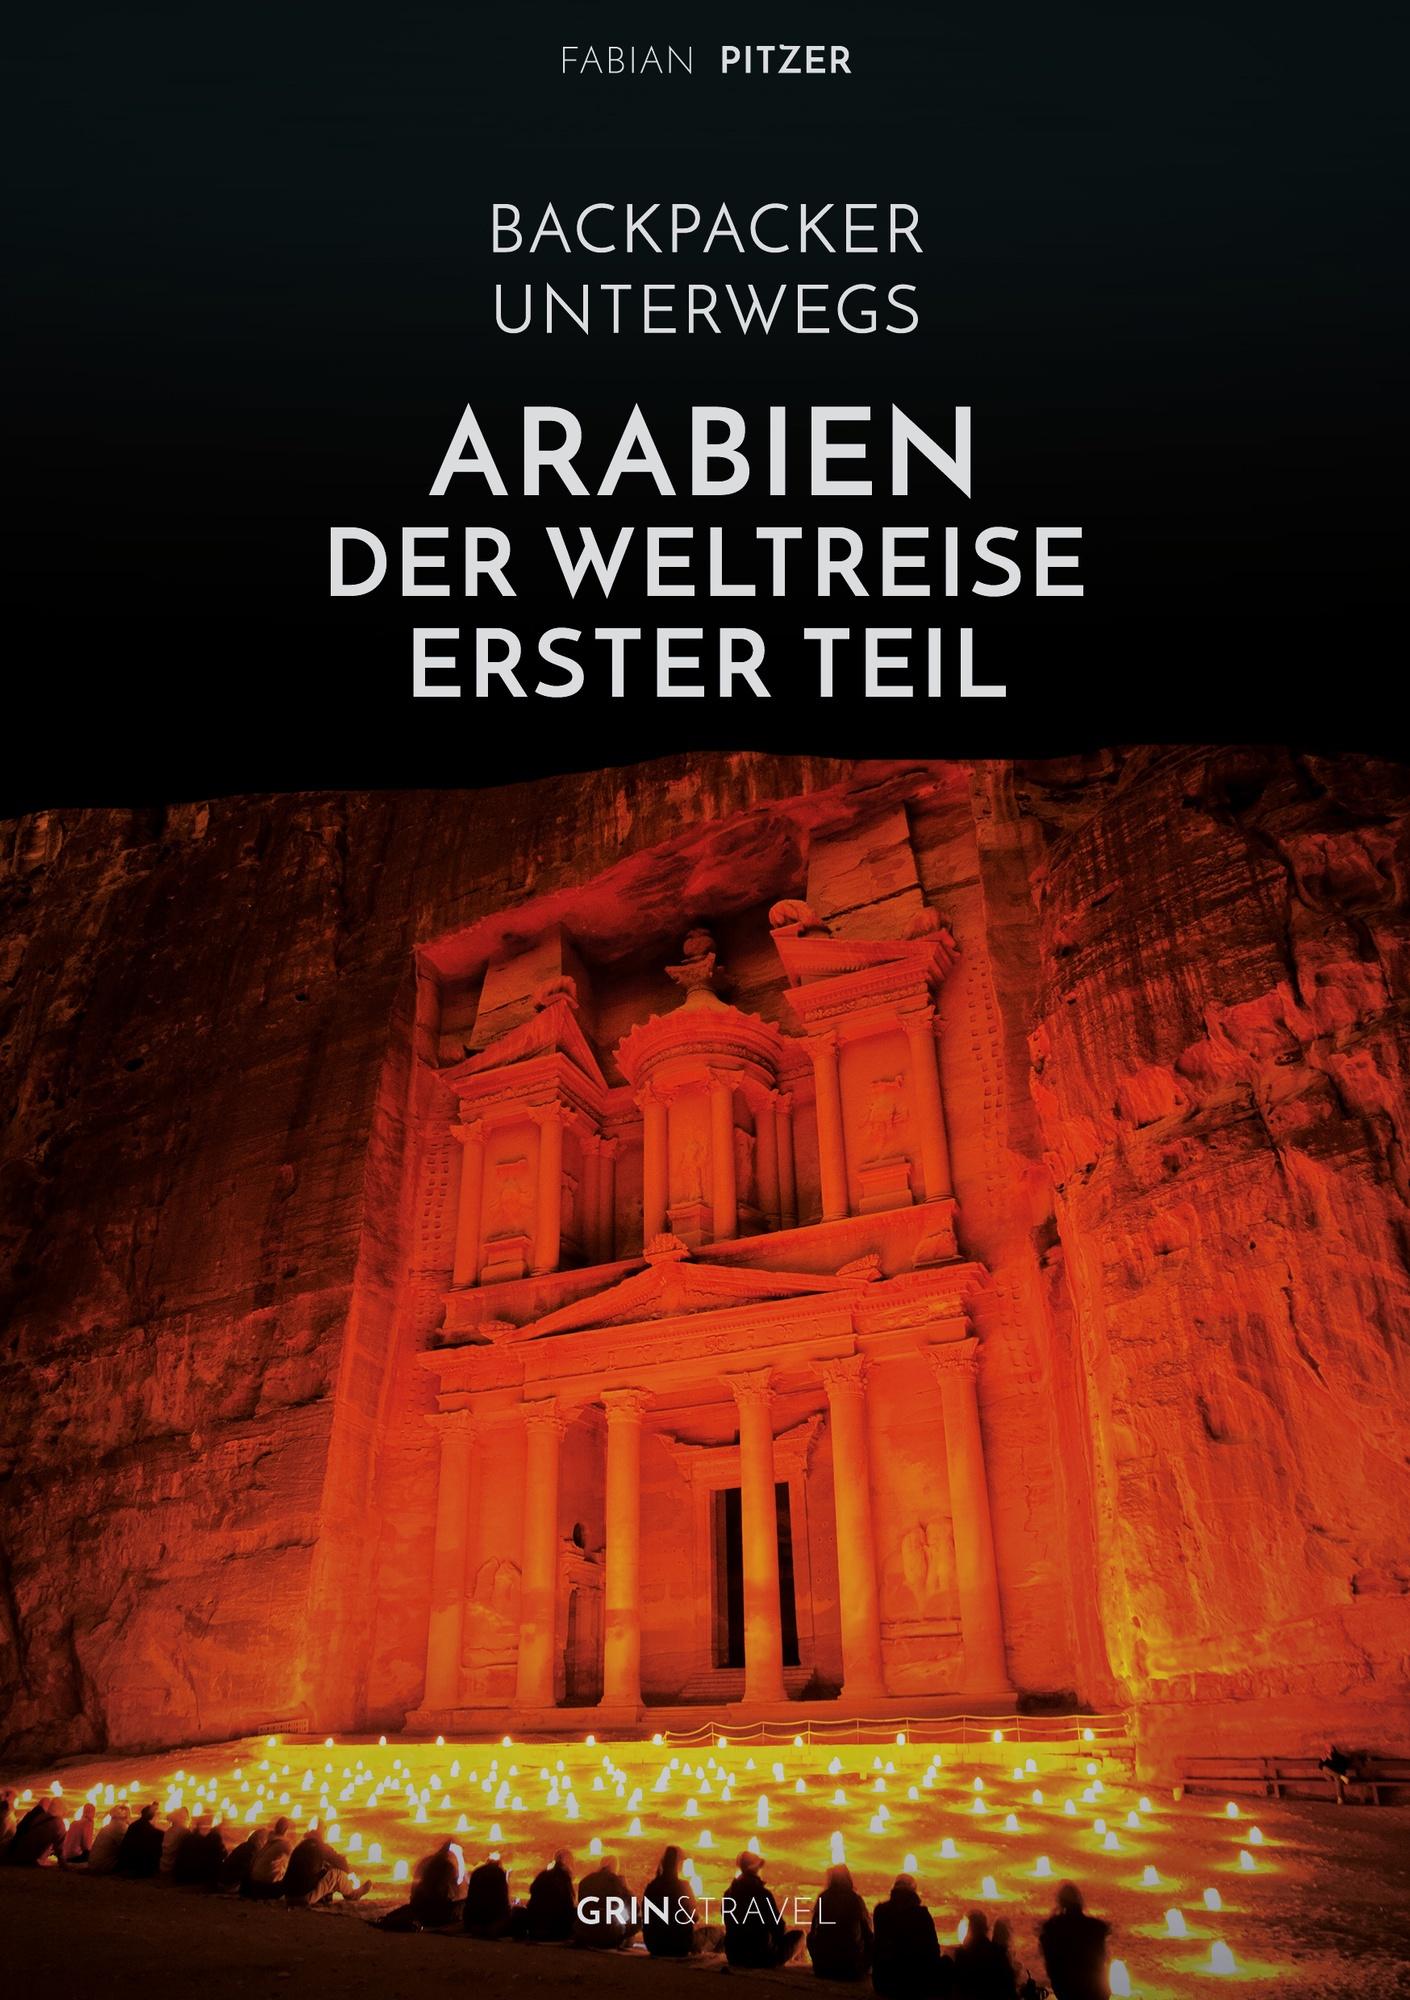 Titel: Backpacker unterwegs: Arabien - Der Weltreise erster Teil: Ägypten, Jordanien und Syrien